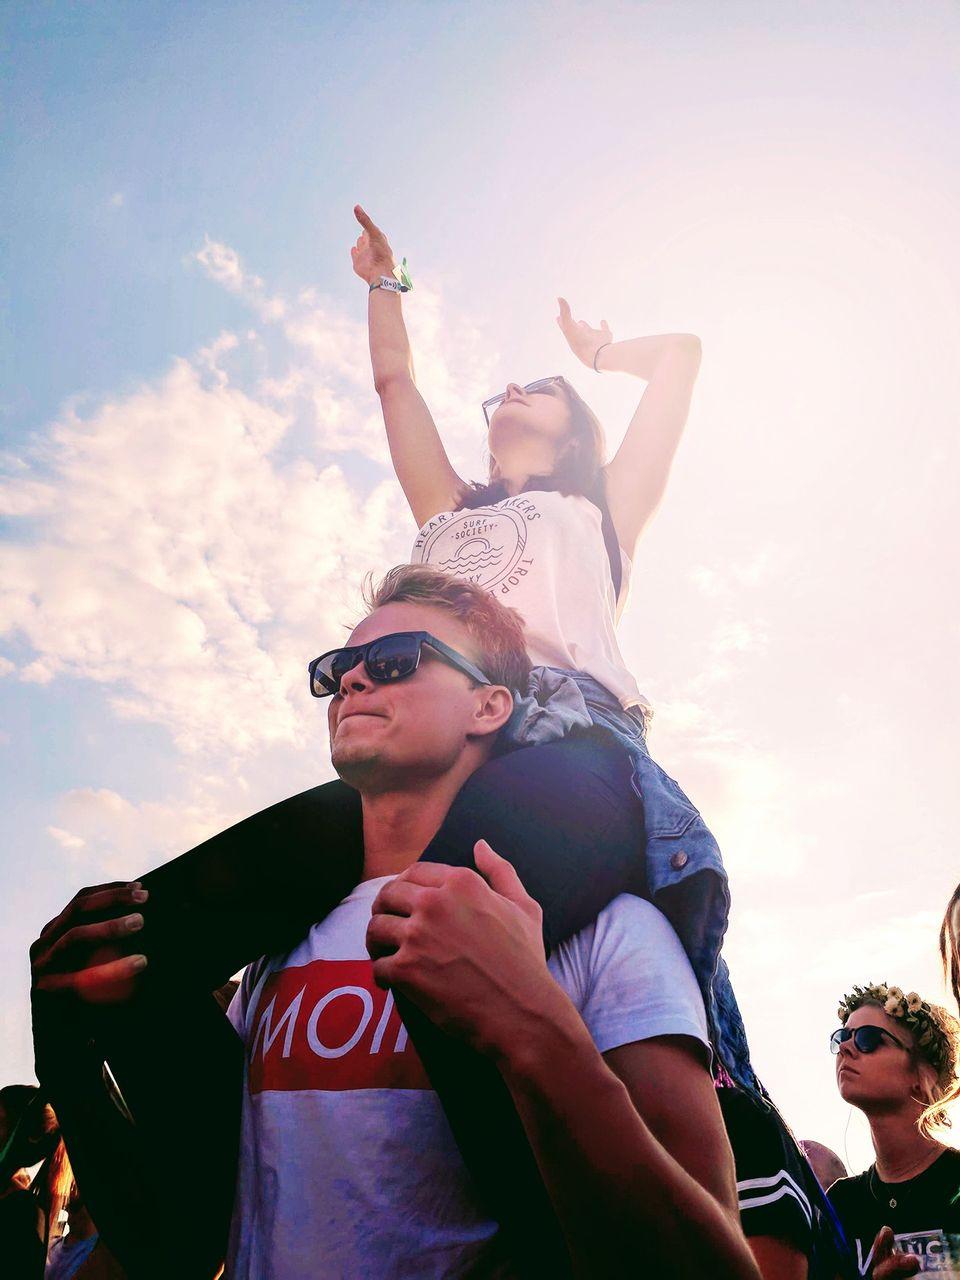 MOIN Moment auf dem Lollapalooza Festival in Berlin